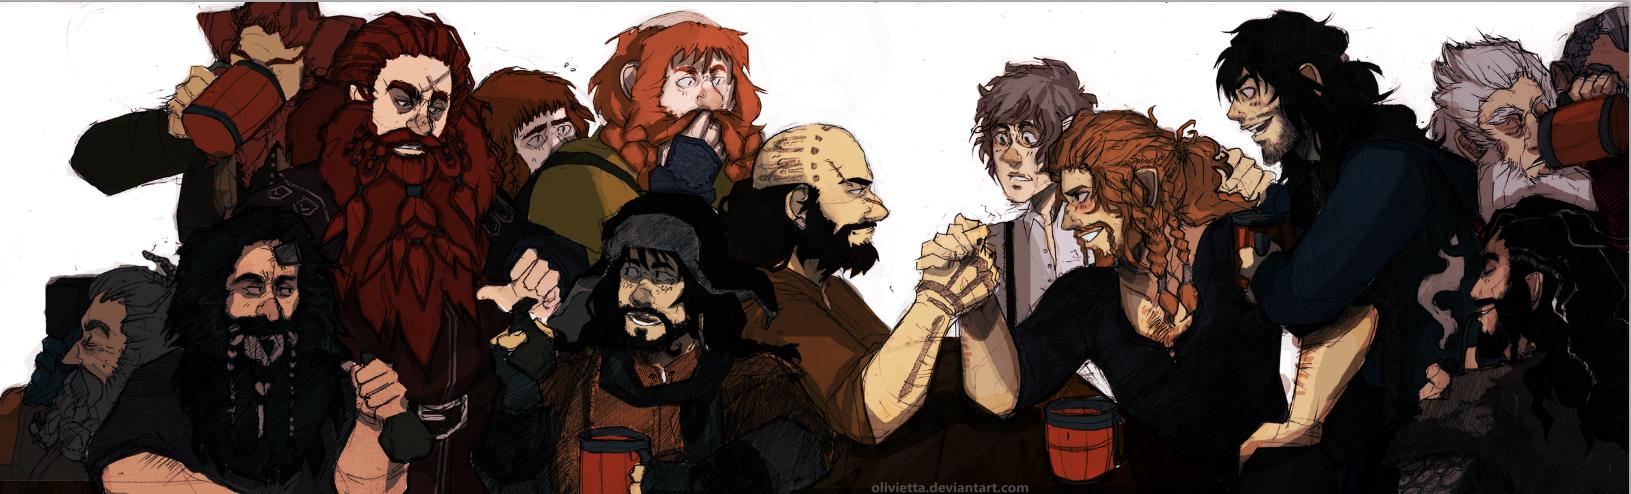 hobbit:13 dwarves+bilbo baggins. by Olivietta